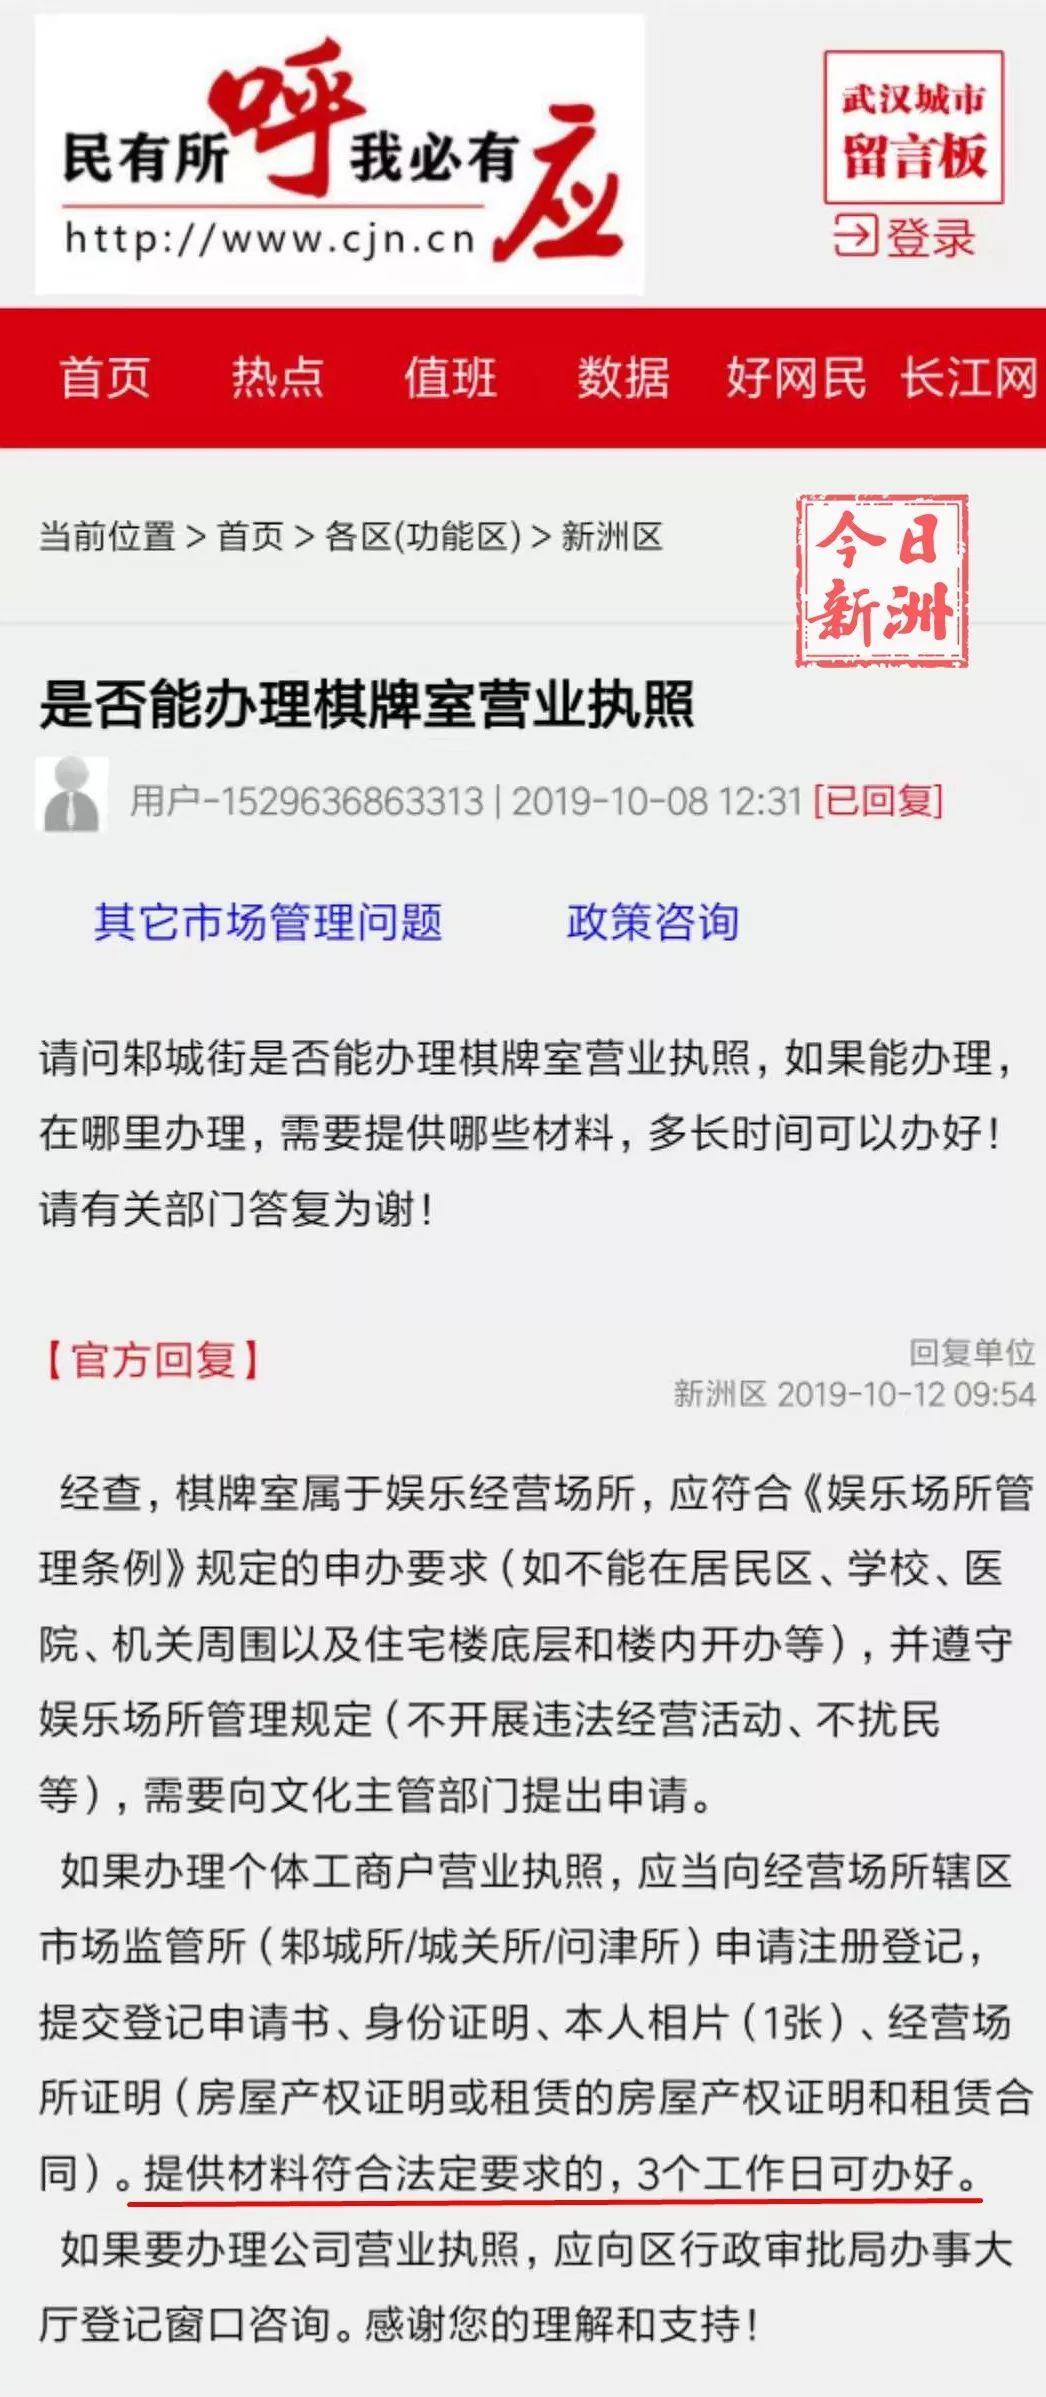 新洲网友:棋牌室能办营业执照吗?